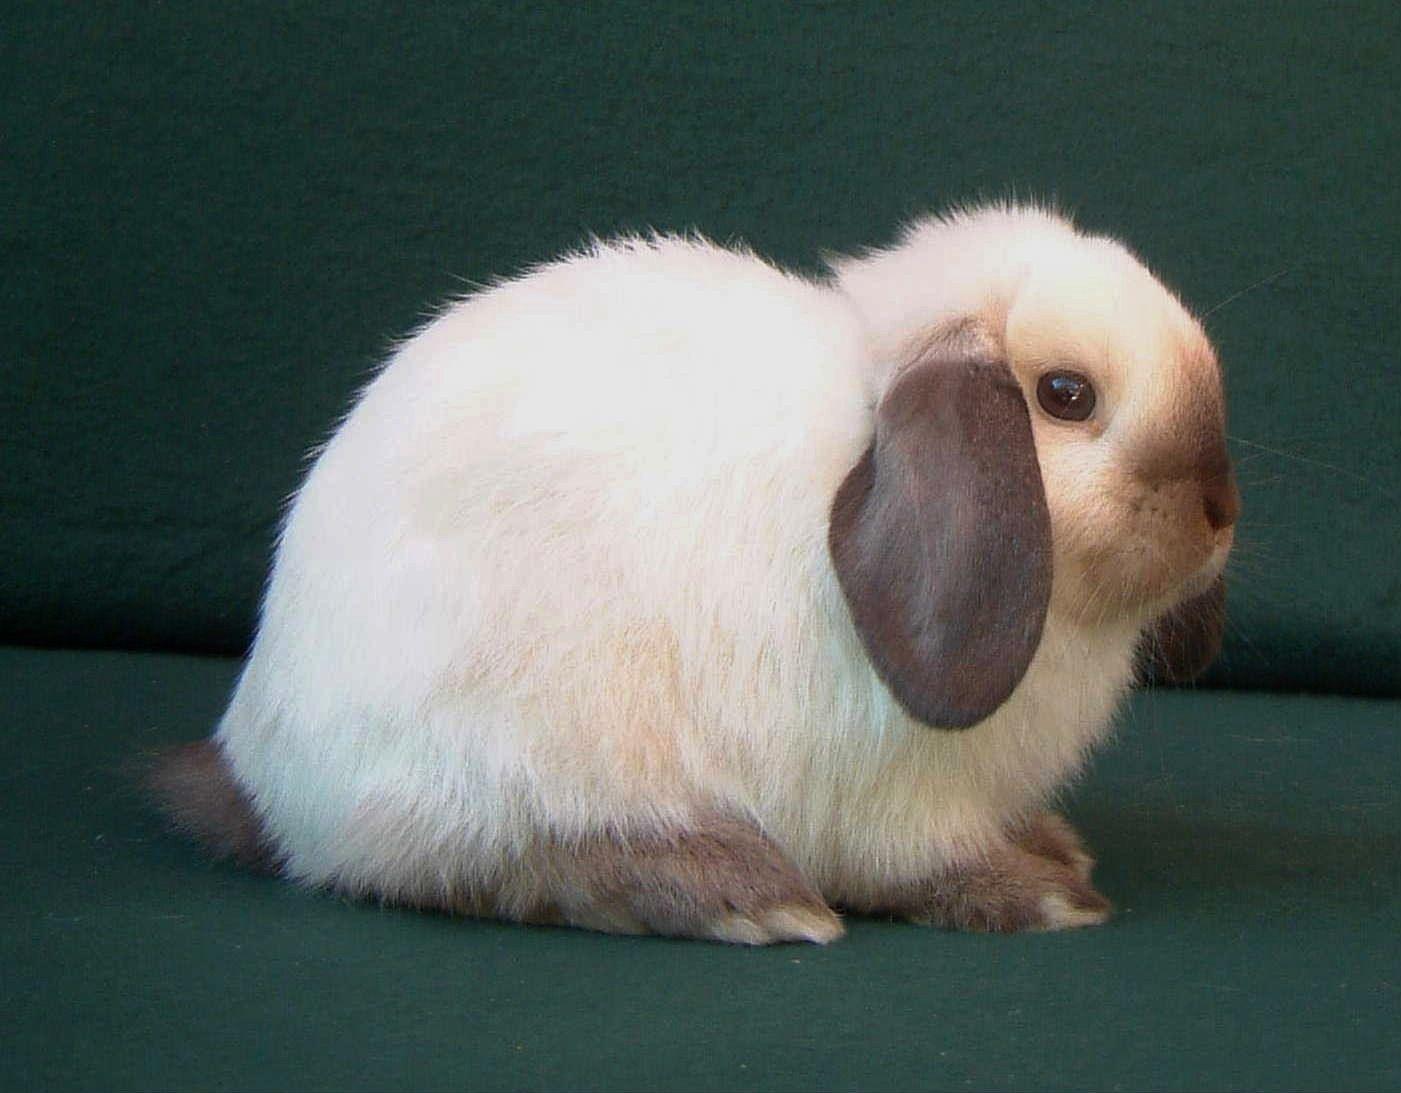 Siamese Mini Lop Rabbits Google Search Mini Lop Mini Lop Rabbit Animal Photography